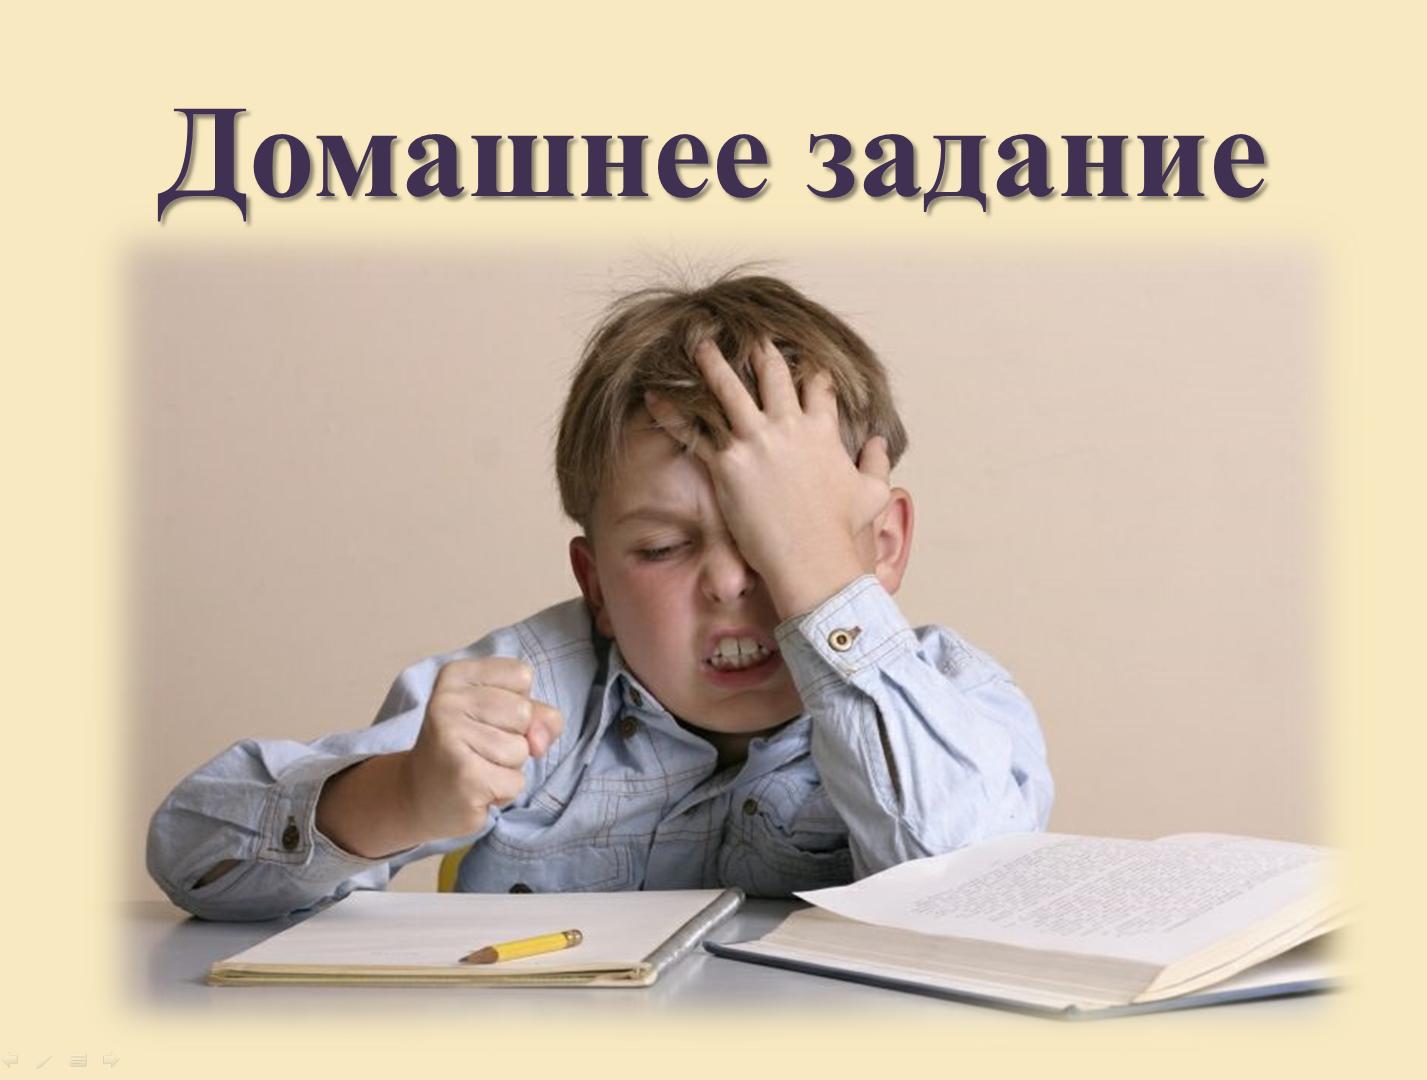 Русский ученик ебет училку: порно видео онлайн, смотреть ...